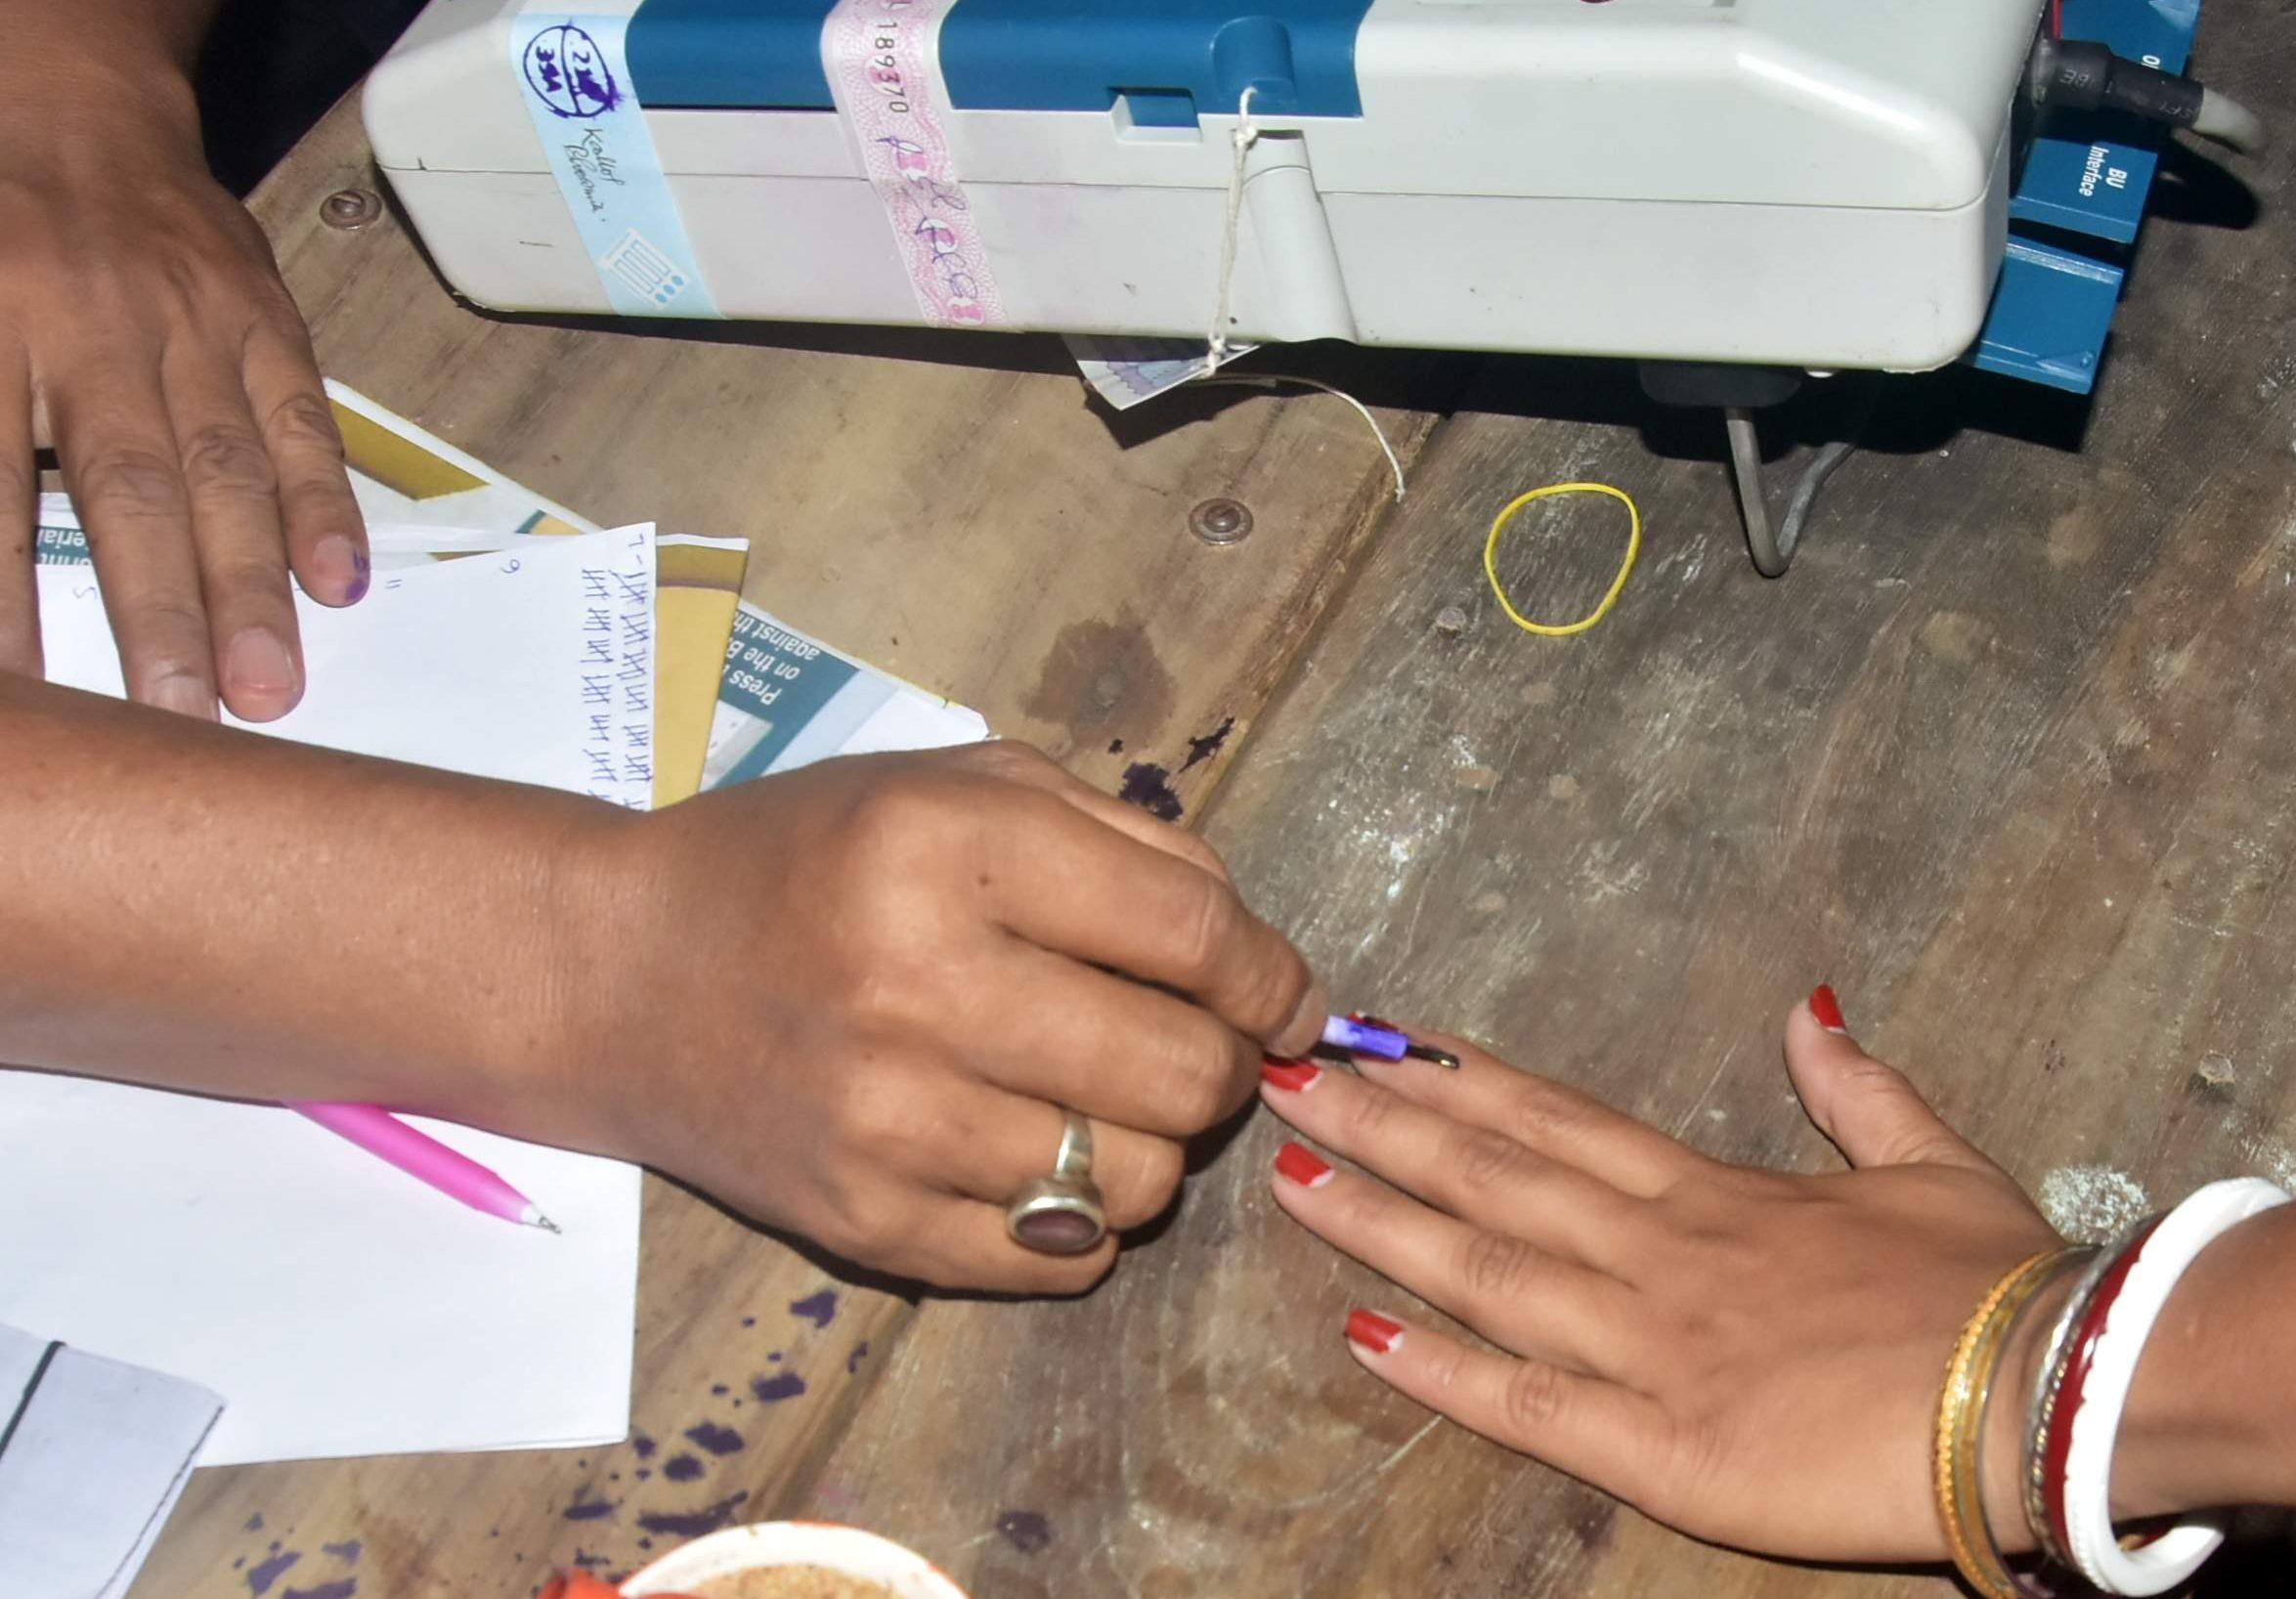 தமிழகத்தில் 72.78 % வாக்குப்பதிவு – மாவட்டம் வாரியாக தலைமை தேர்தல் அதிகாரி சத்யபிரத சாகு அதிகாரபூர்வமாக அறிவிப்பு .!